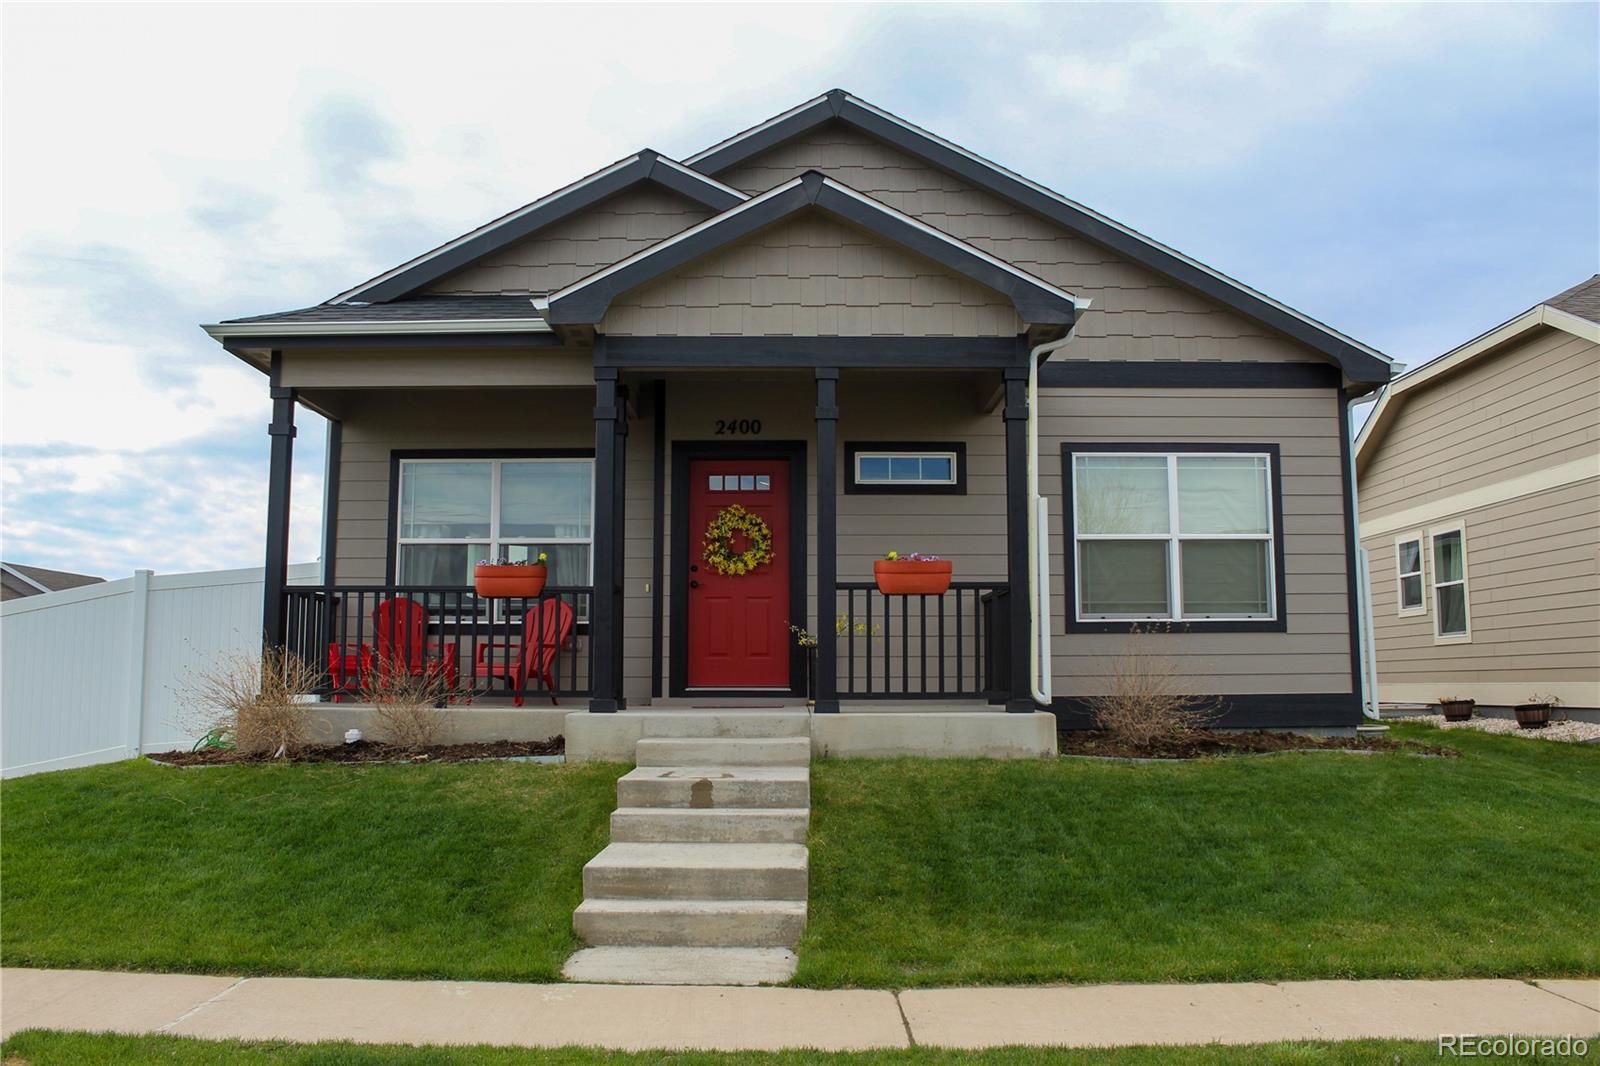 2400 Heather Lane, Evans, CO 80620 - Evans, CO real estate listing